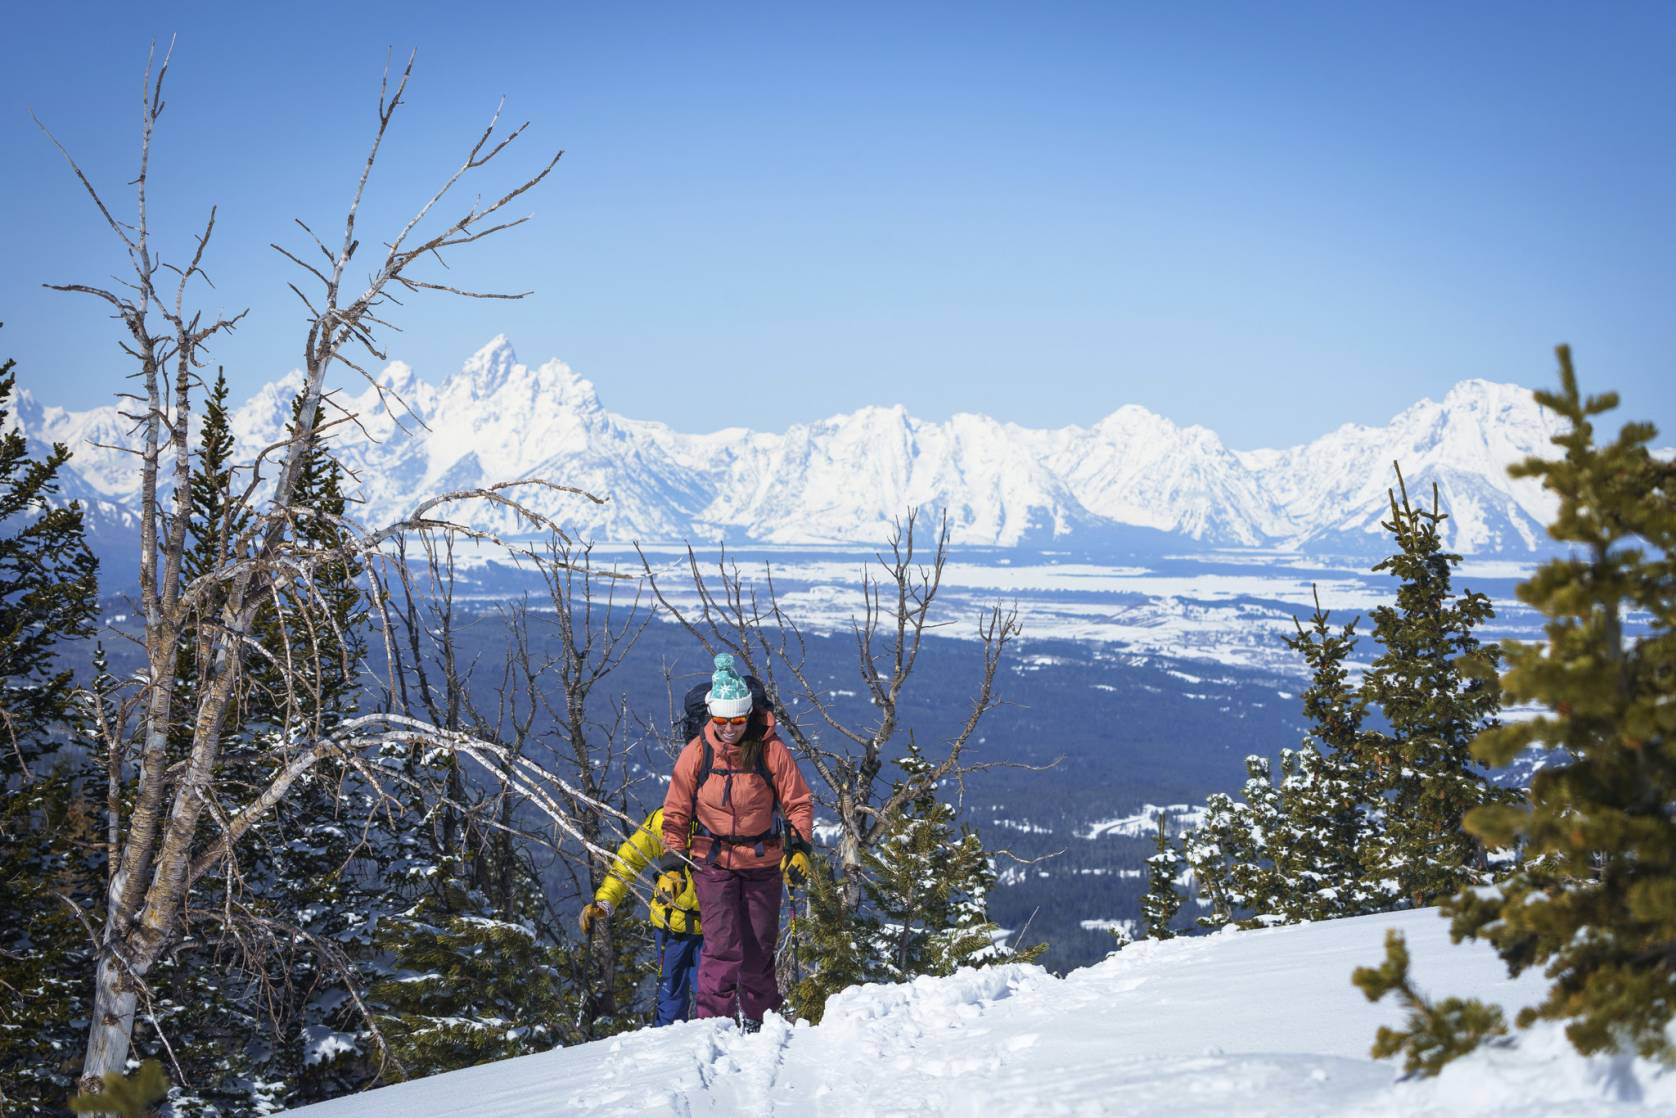 Scenic Skiing